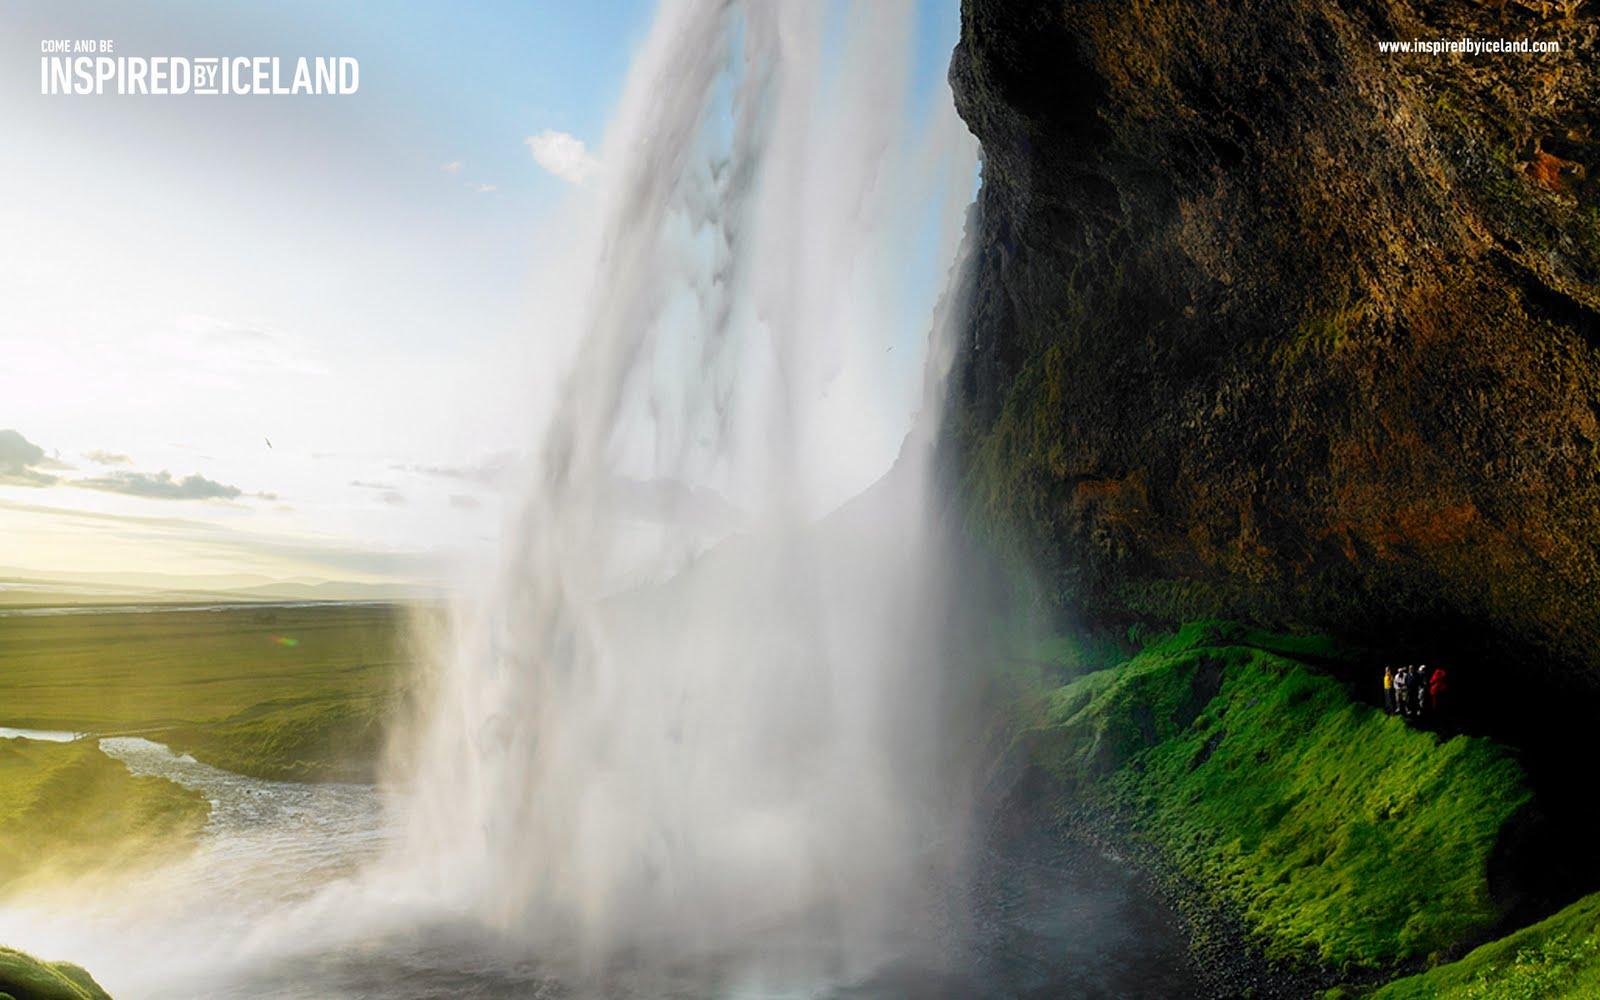 AGENCIA DE VIAJES EN ISLANDIA - ISLAND!A 360: Amazing